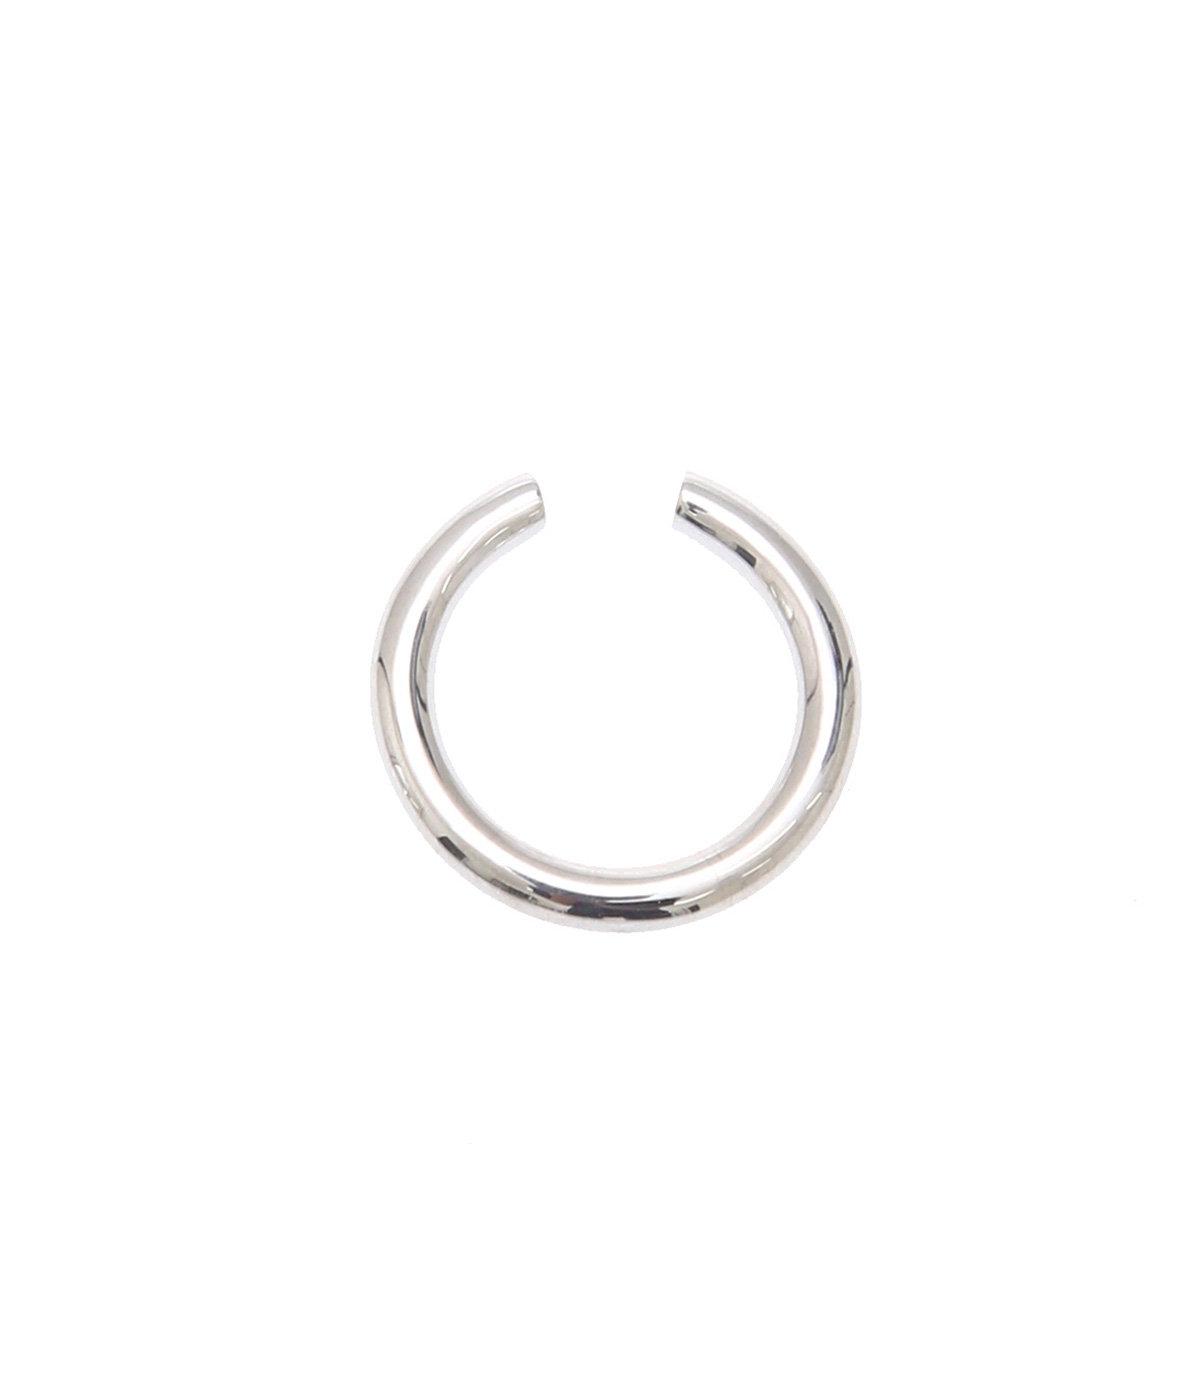 EAR CUFF 103 (SV)